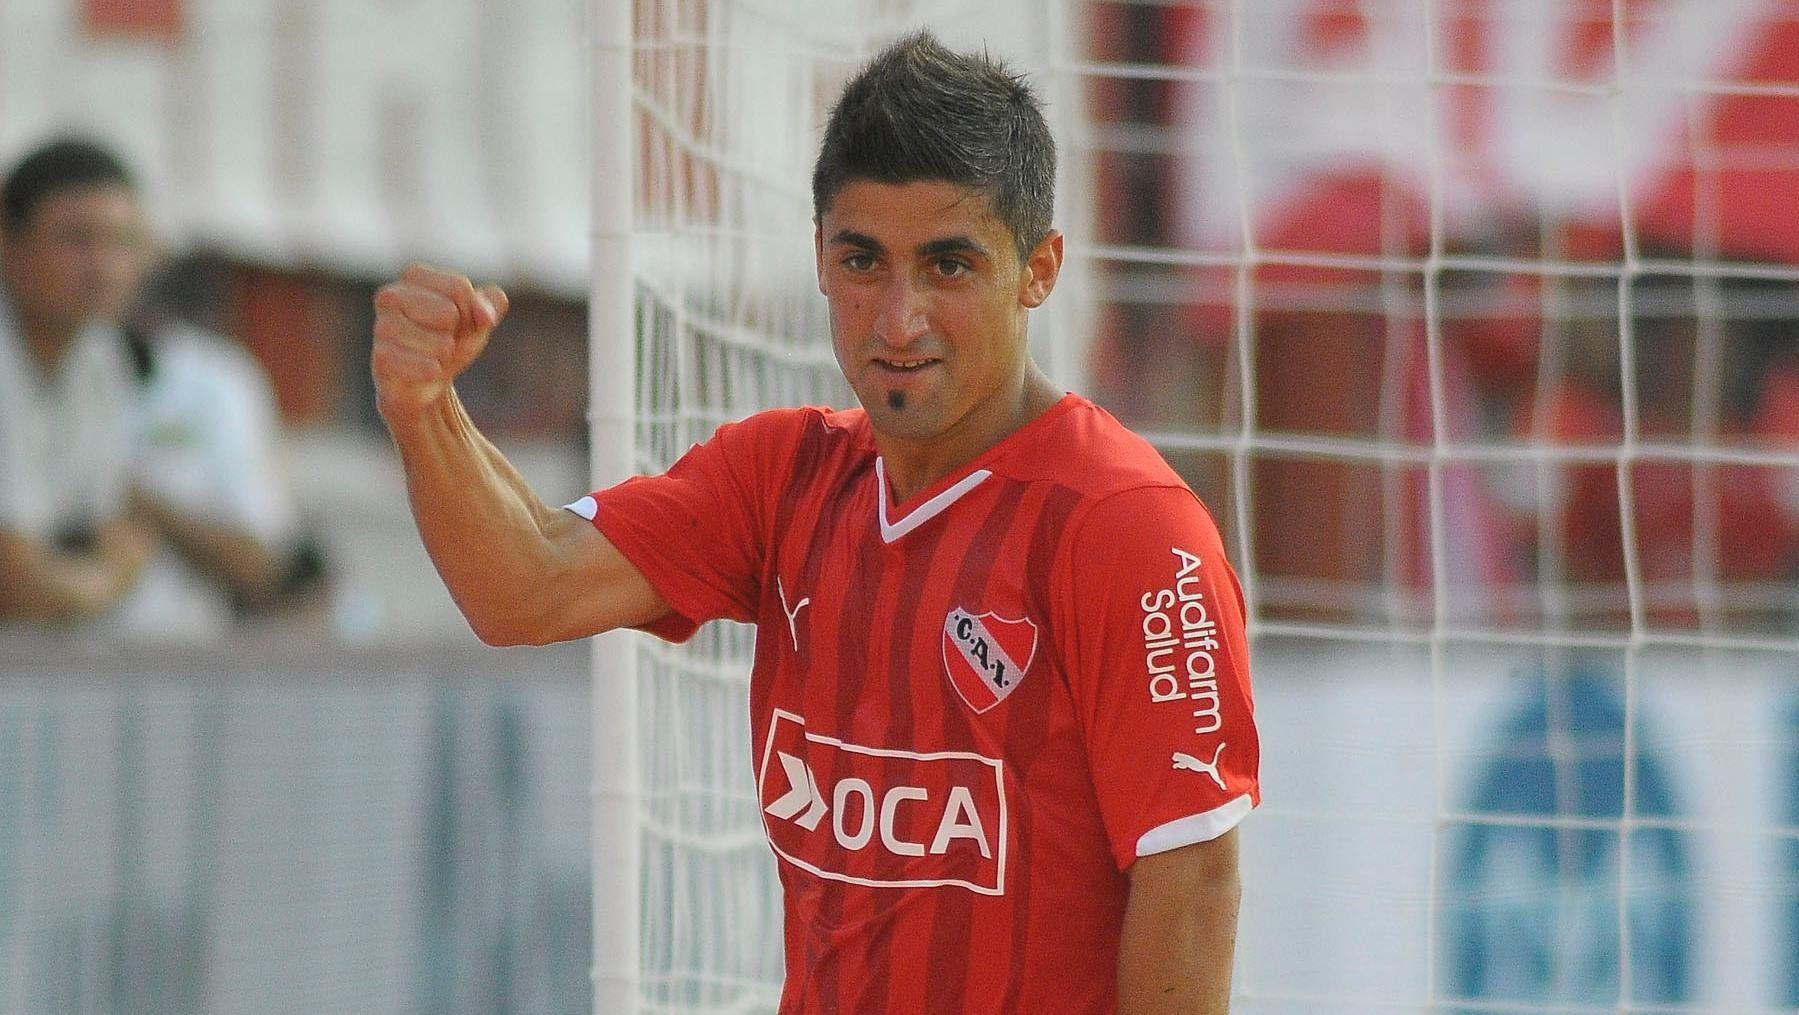 Por un fallo de la FIFA, Independiente cobrará 11 millones de pesos